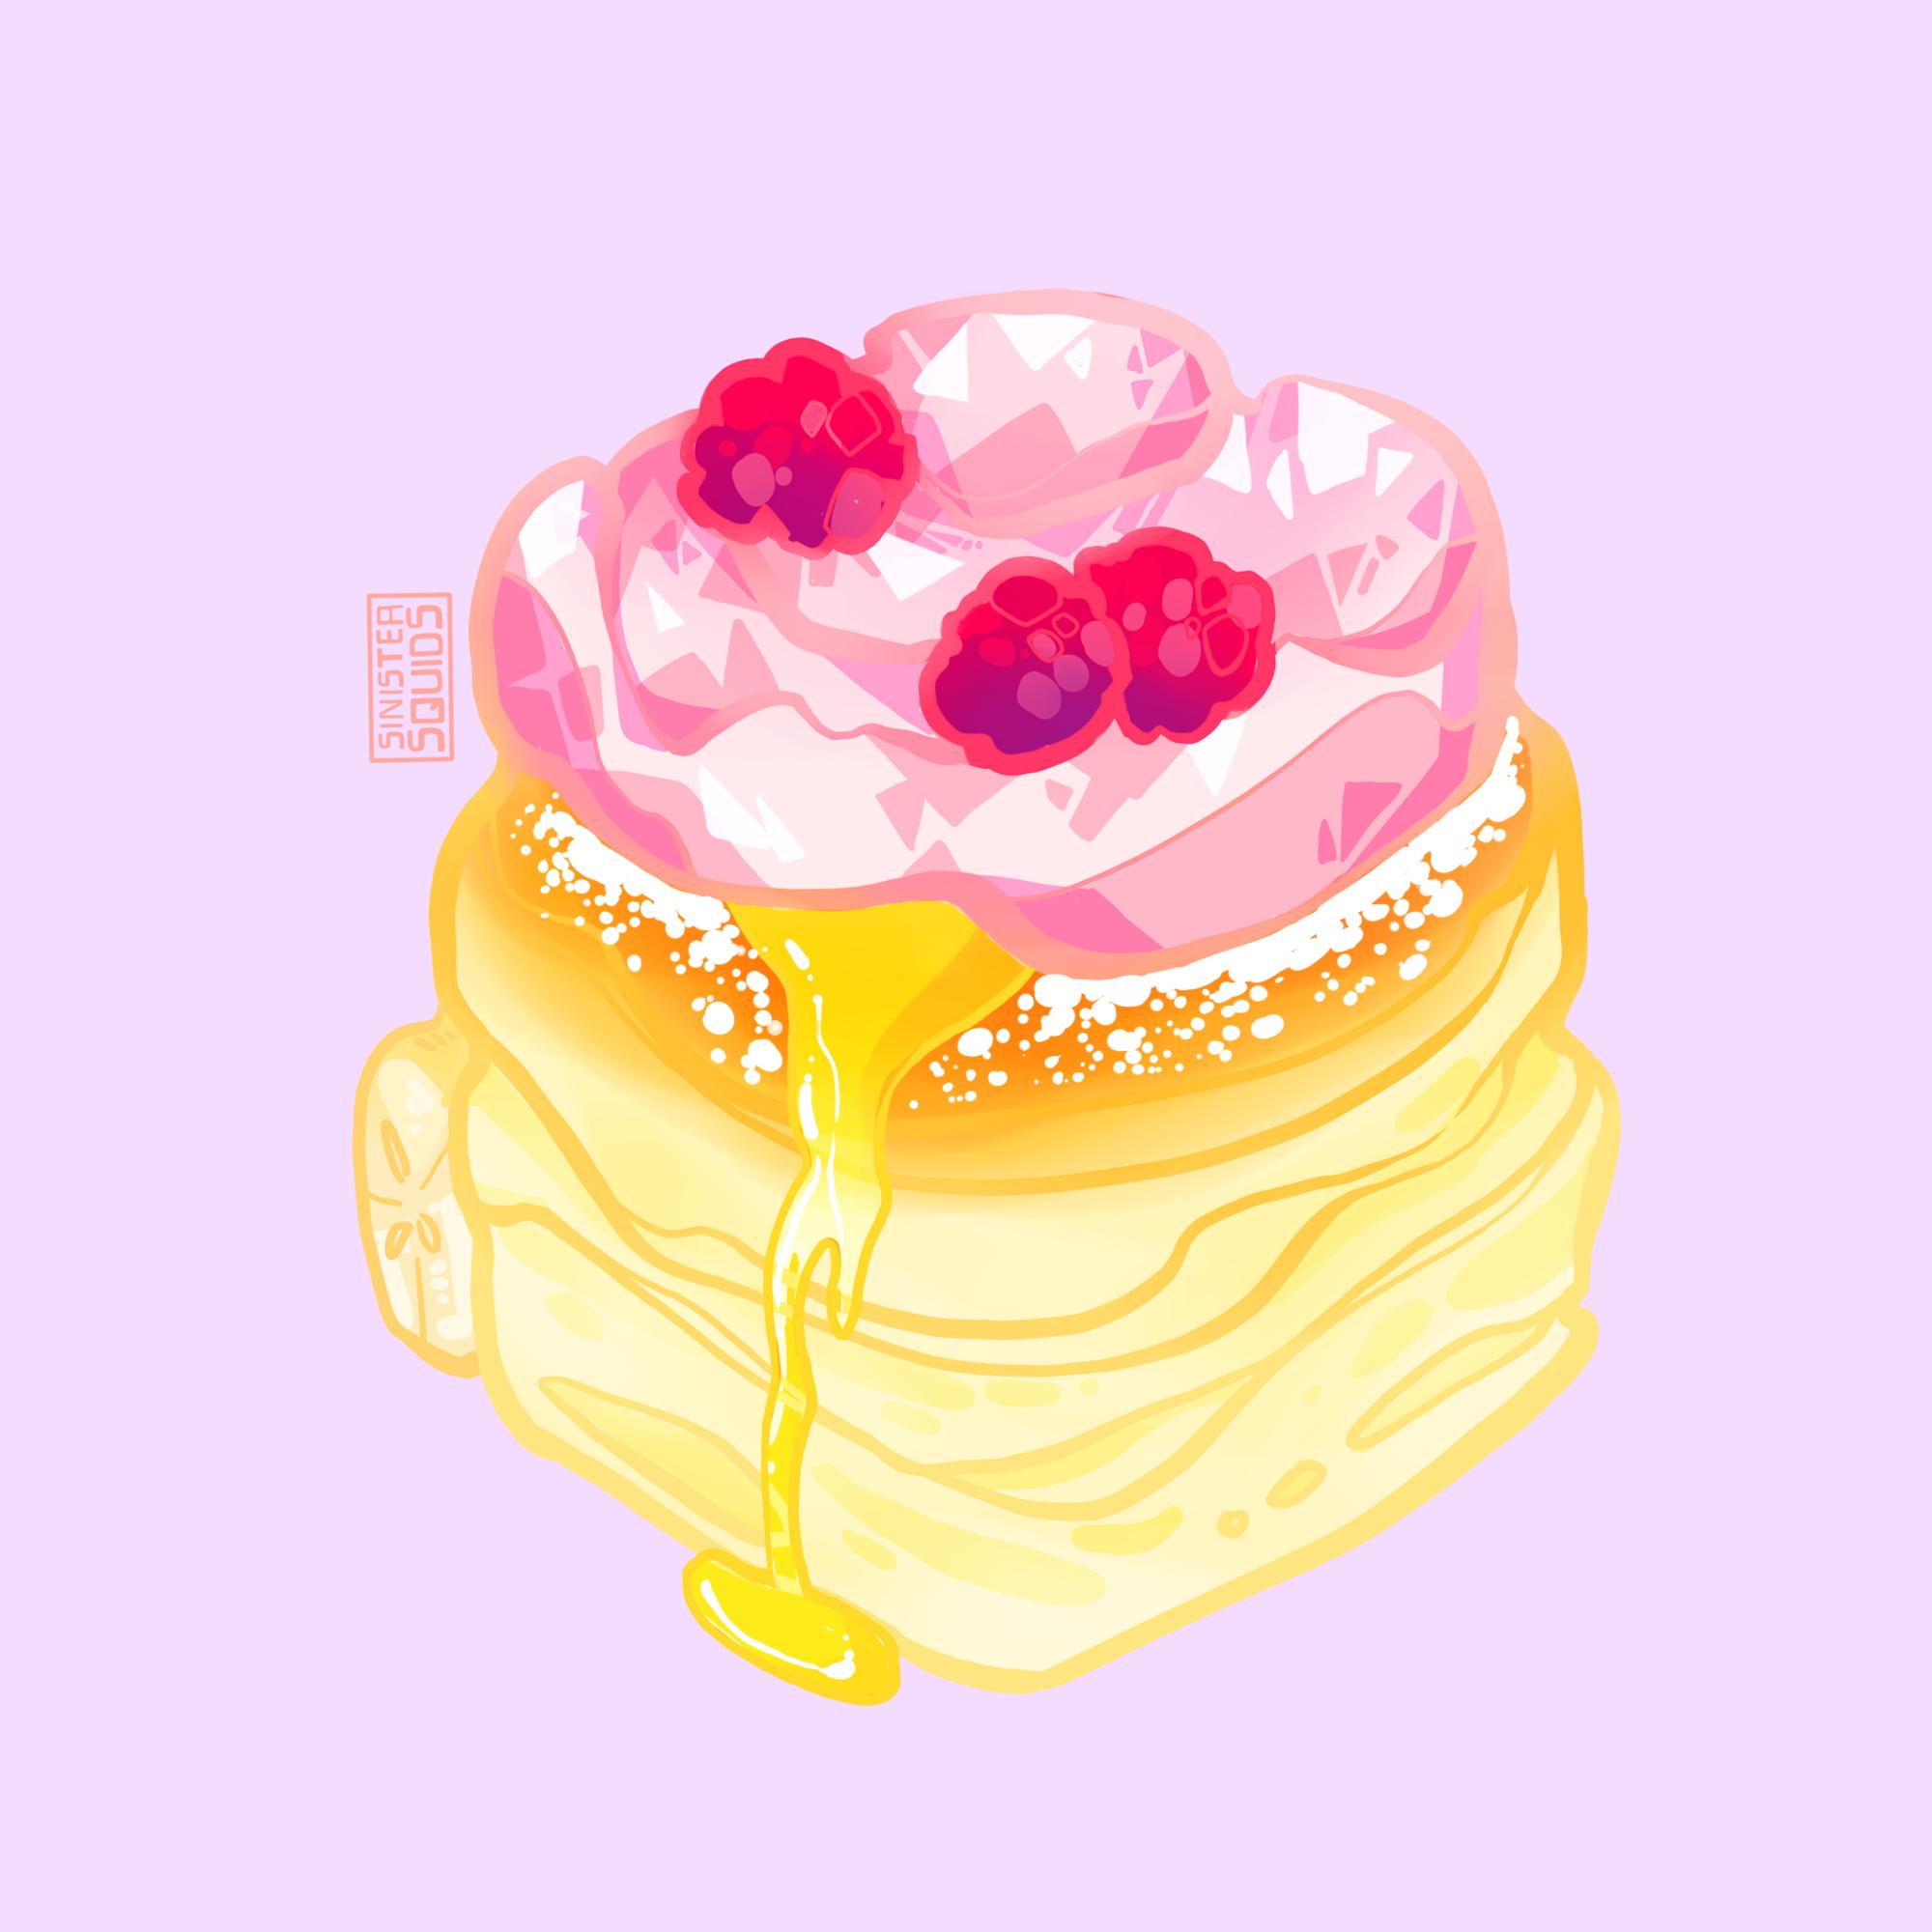 pancakeig.png